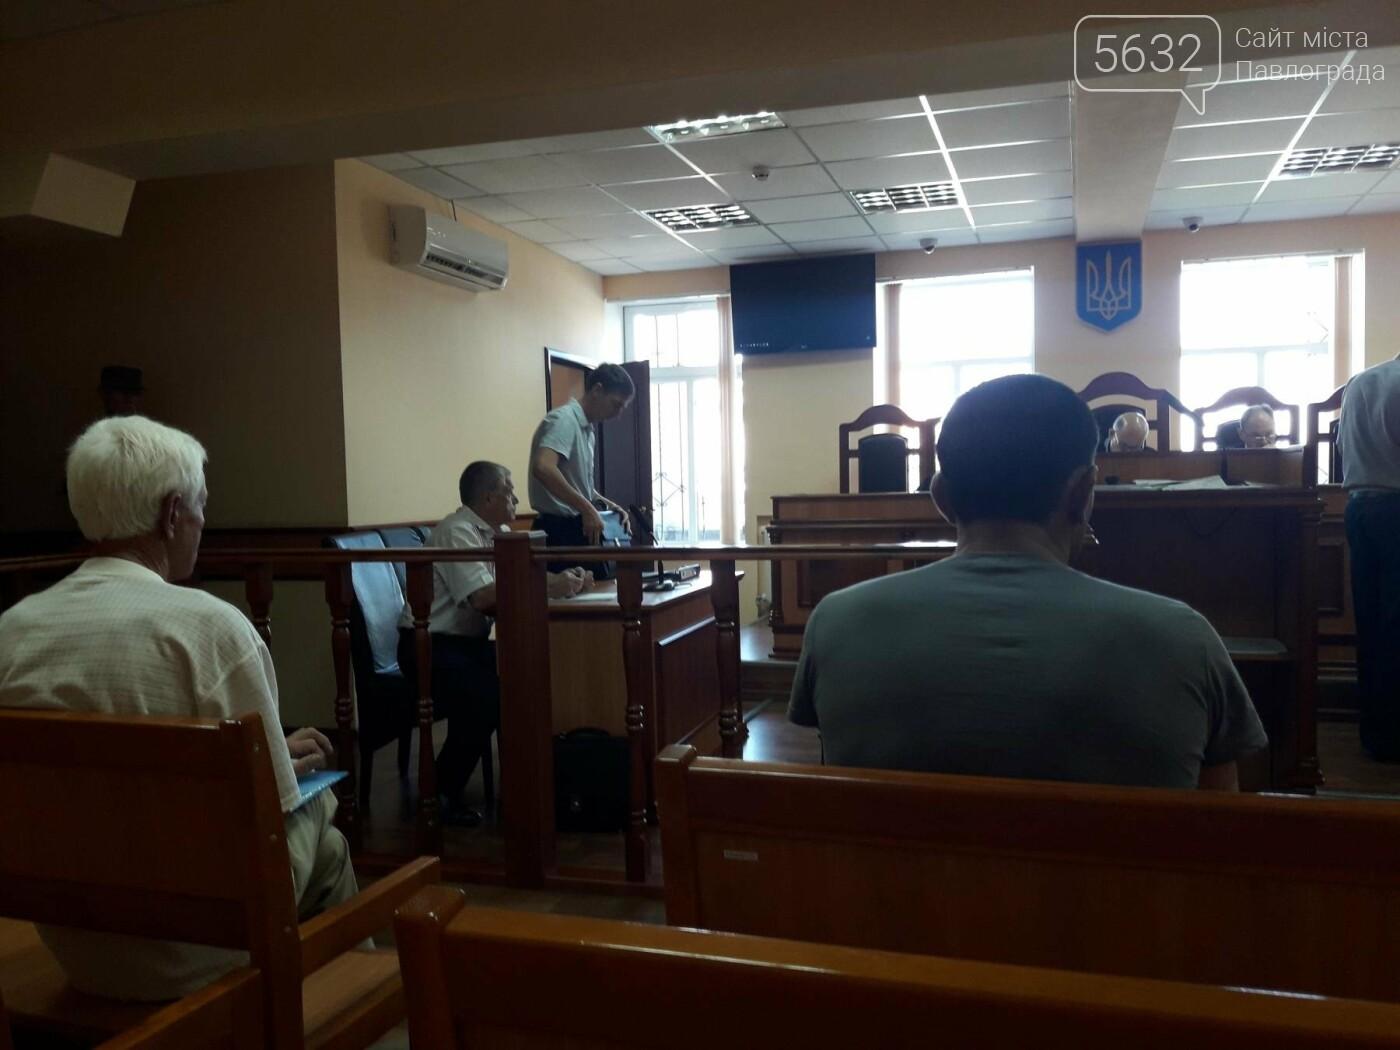 Павлоградца, которого жестоко избили возле ЦУМа, выписали из больницы, фото-1